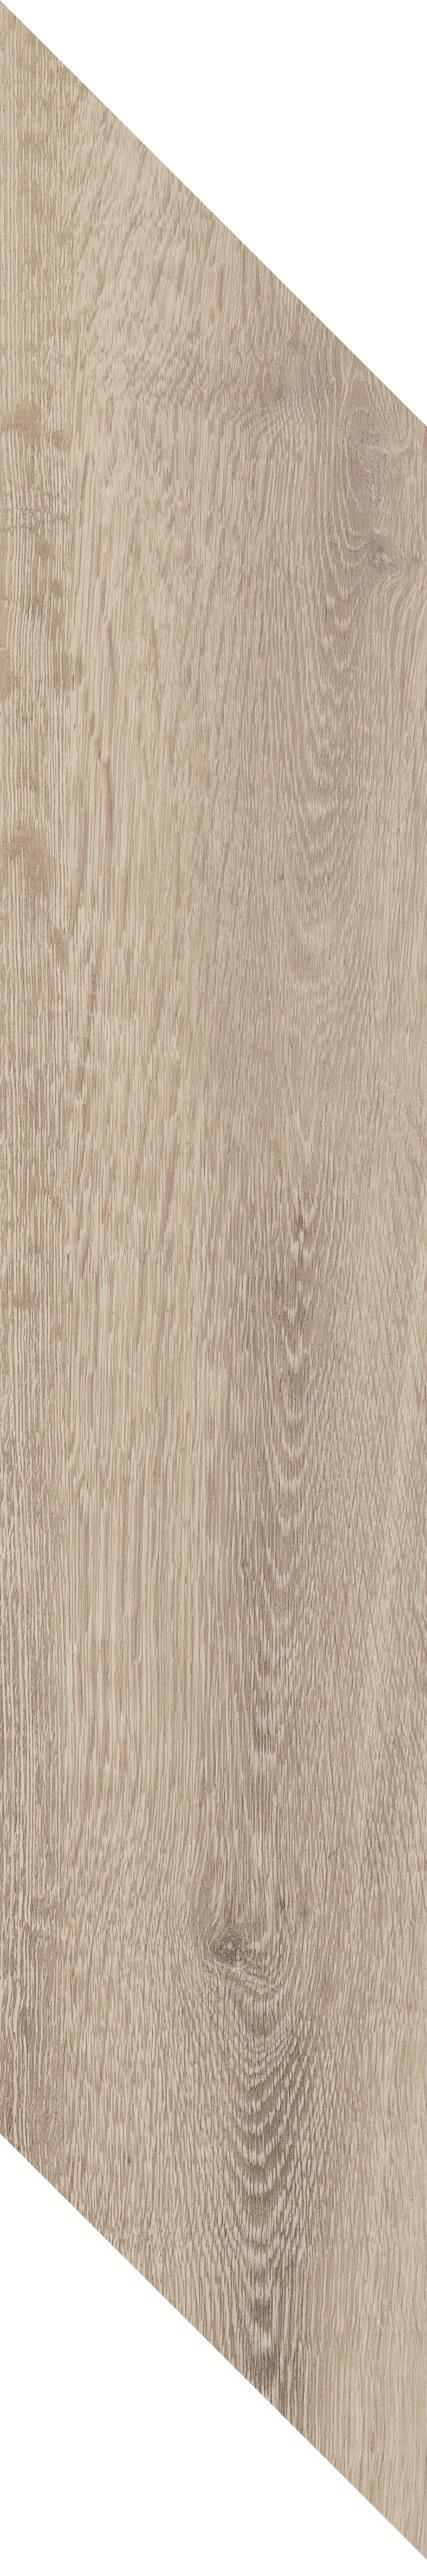 Parva Oak Chevron Sardinia